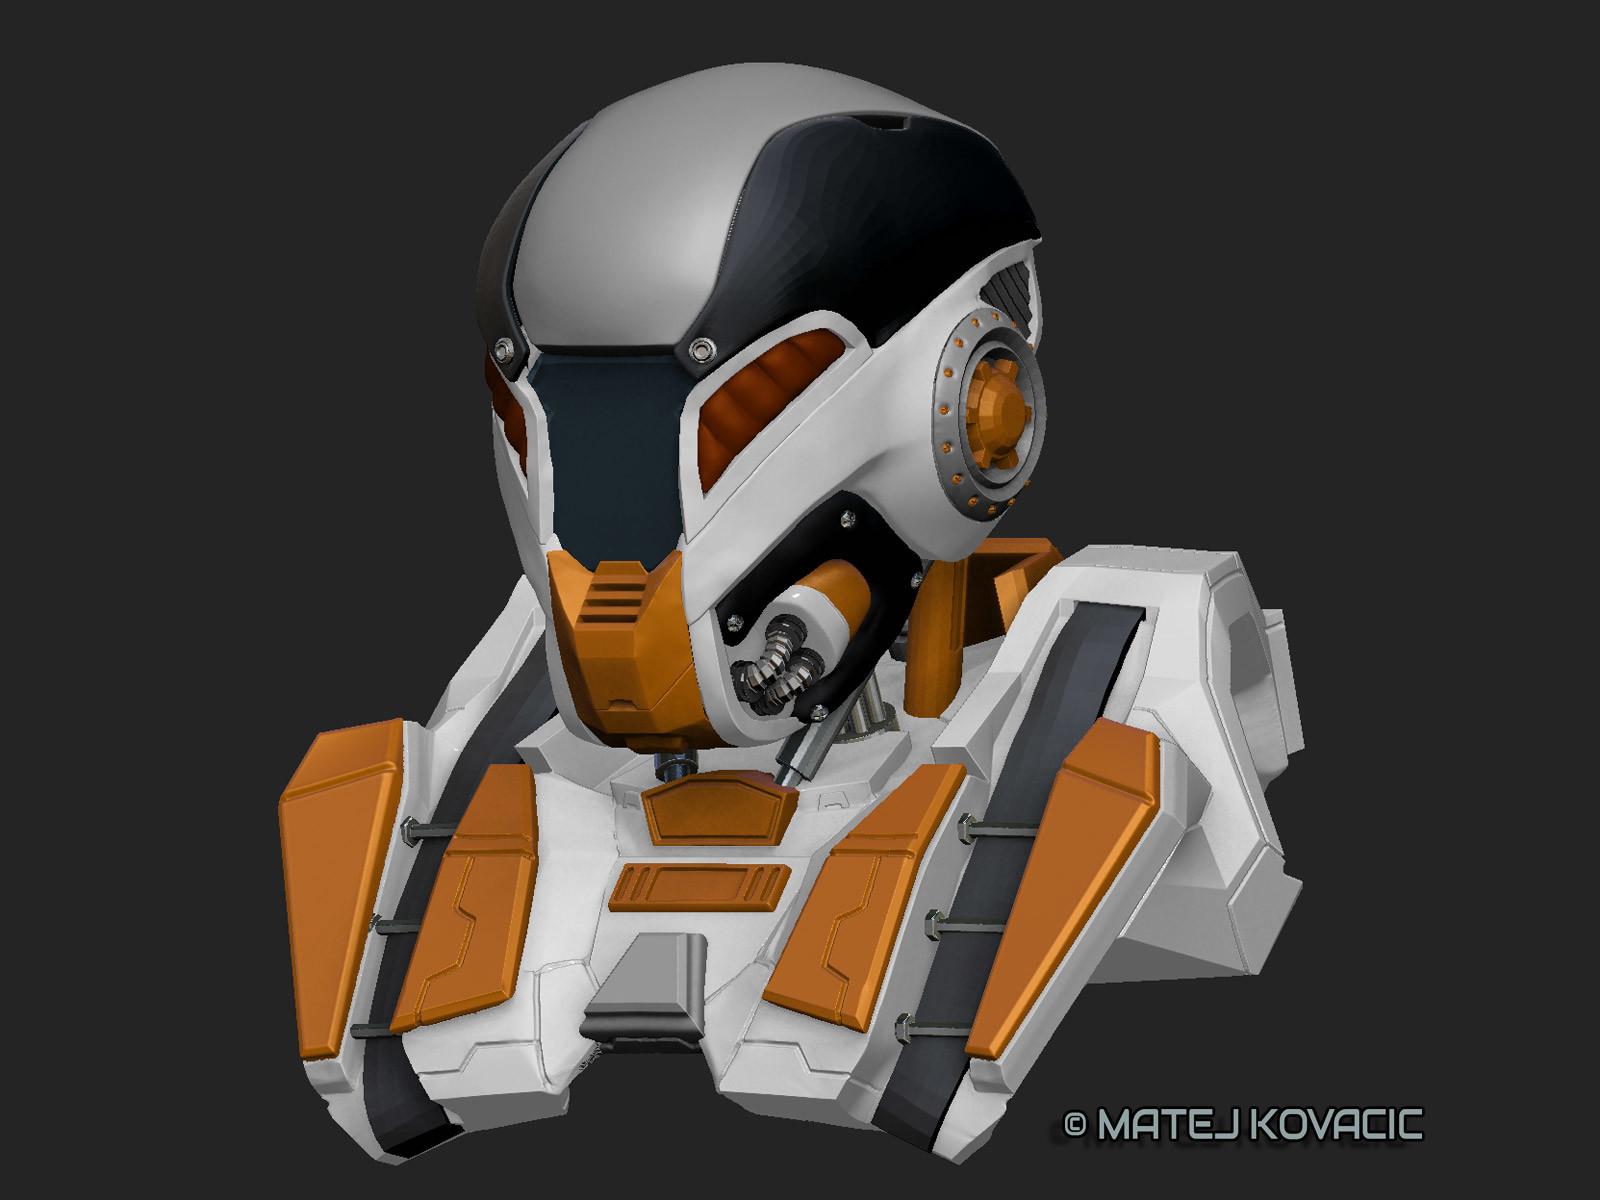 Matej kovacic sci fi helmet rx 51 zb color3 by matej kovacic